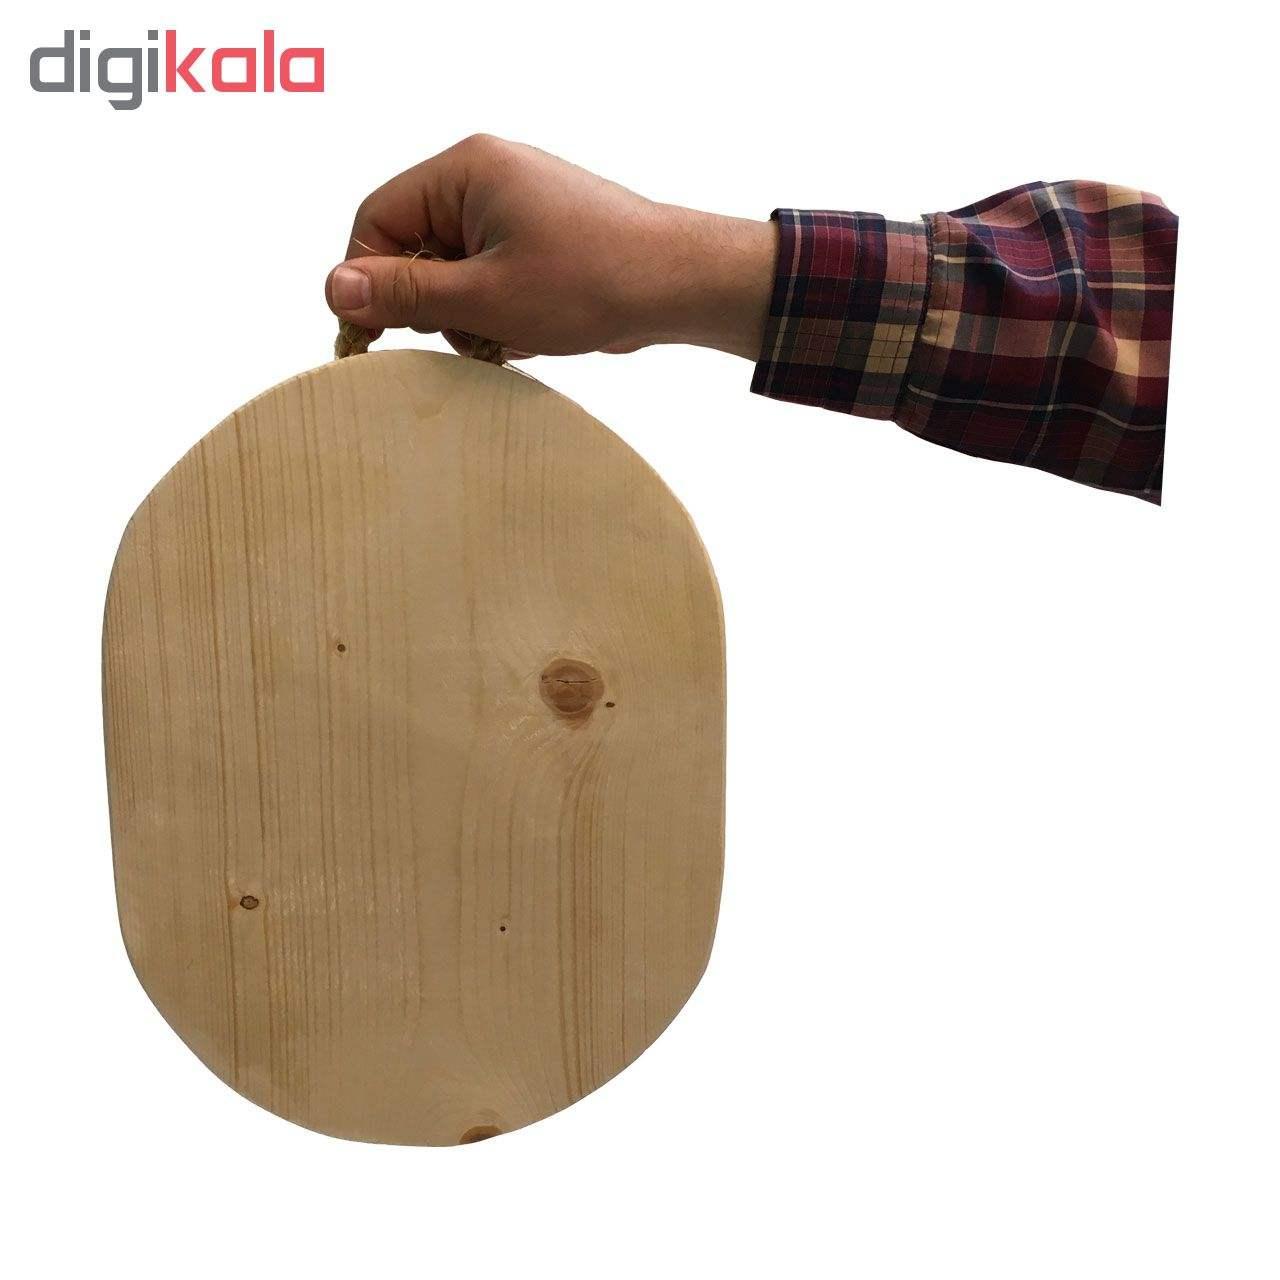 تخته برش و تخته گوشت چوبی مدل دلسا thumb 2